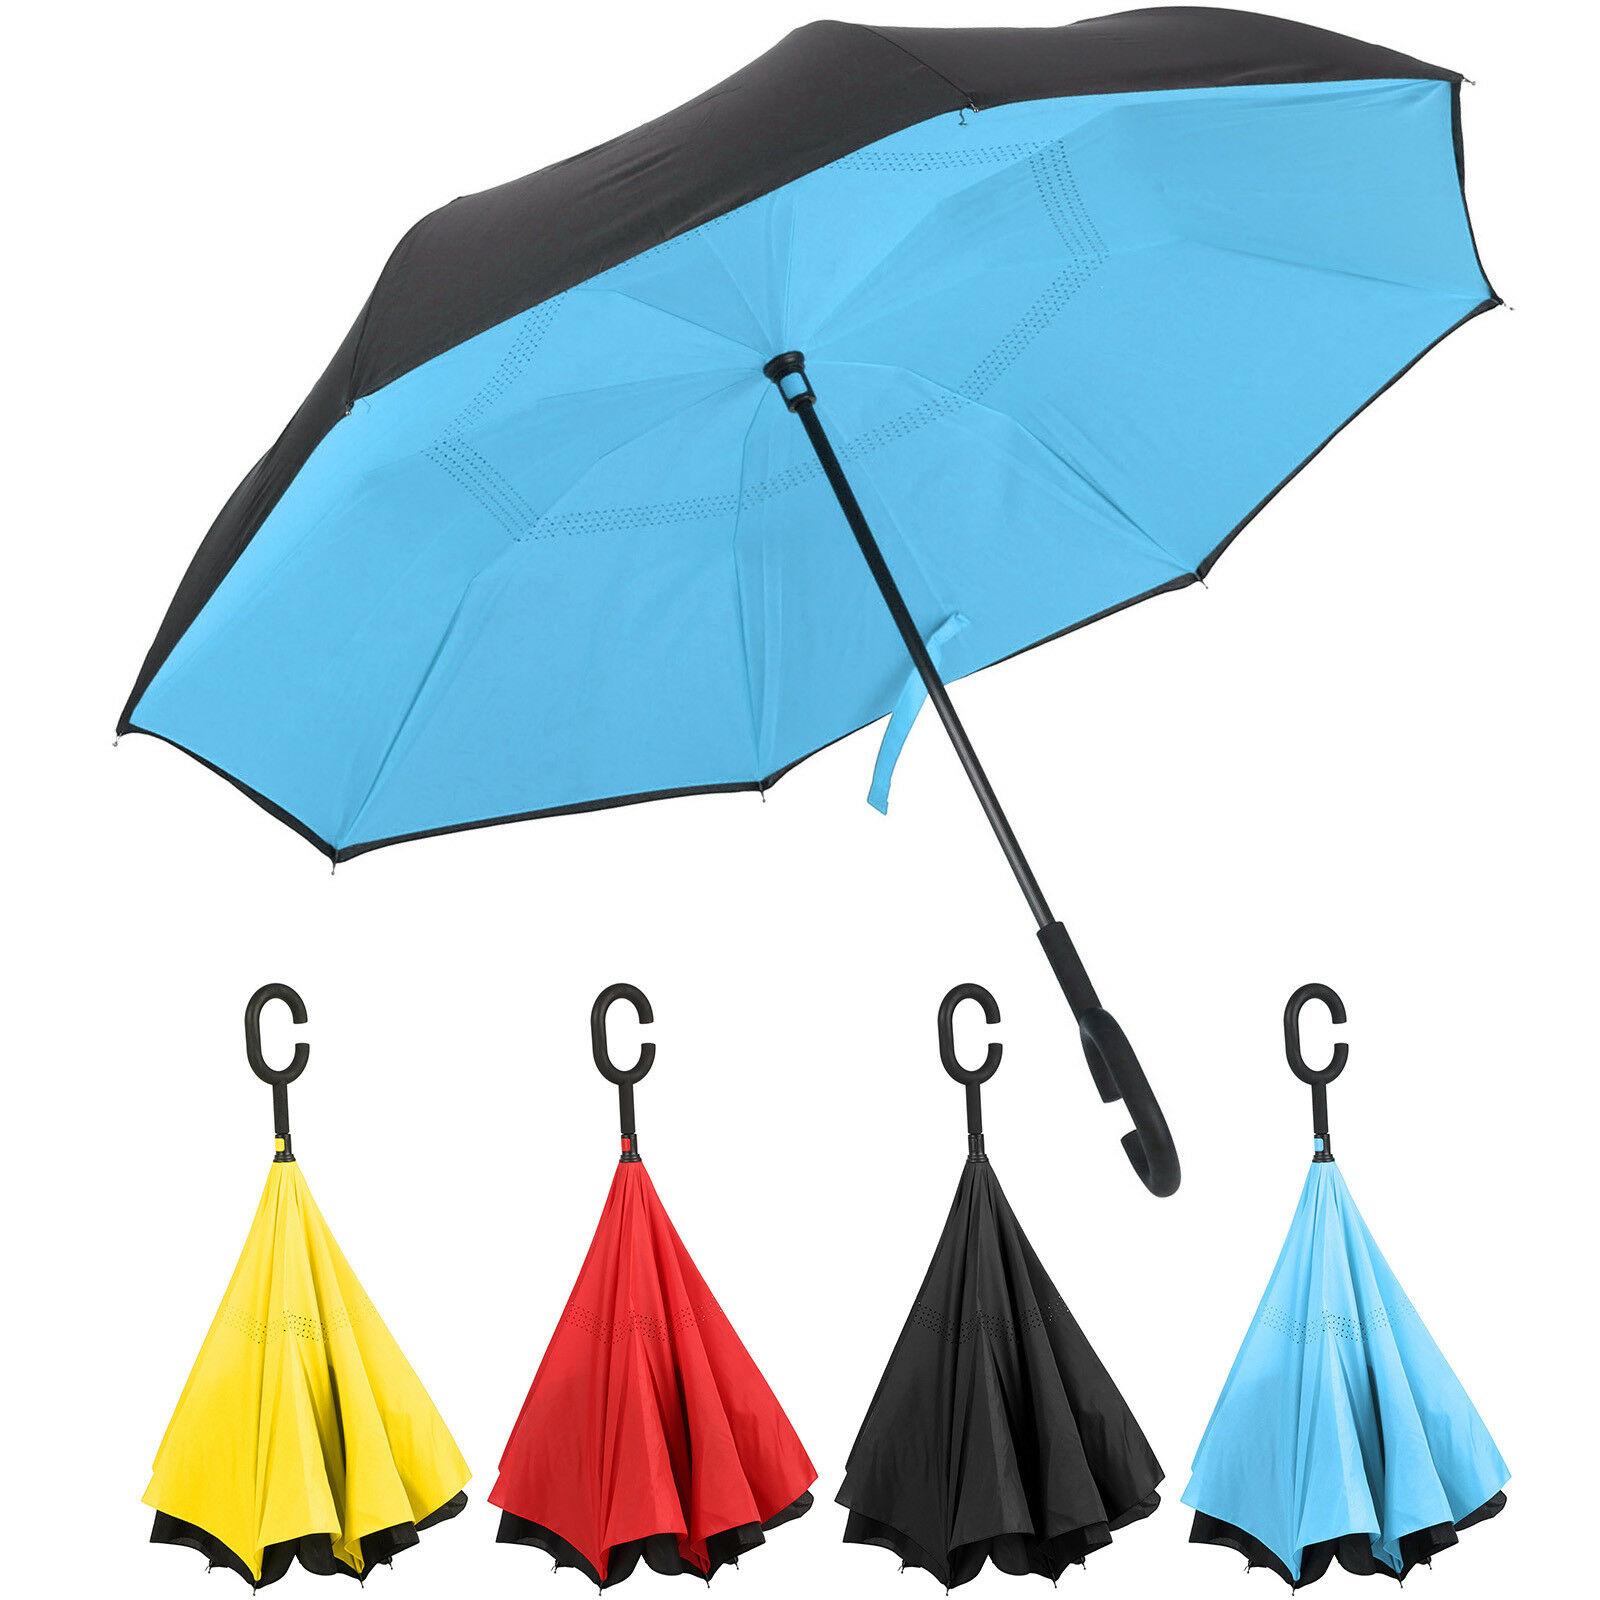 Double couche à l'envers inverse soleil parapluie c-poignée pliant coupe-vent mode inversé parapluie clair parapluie Parasol